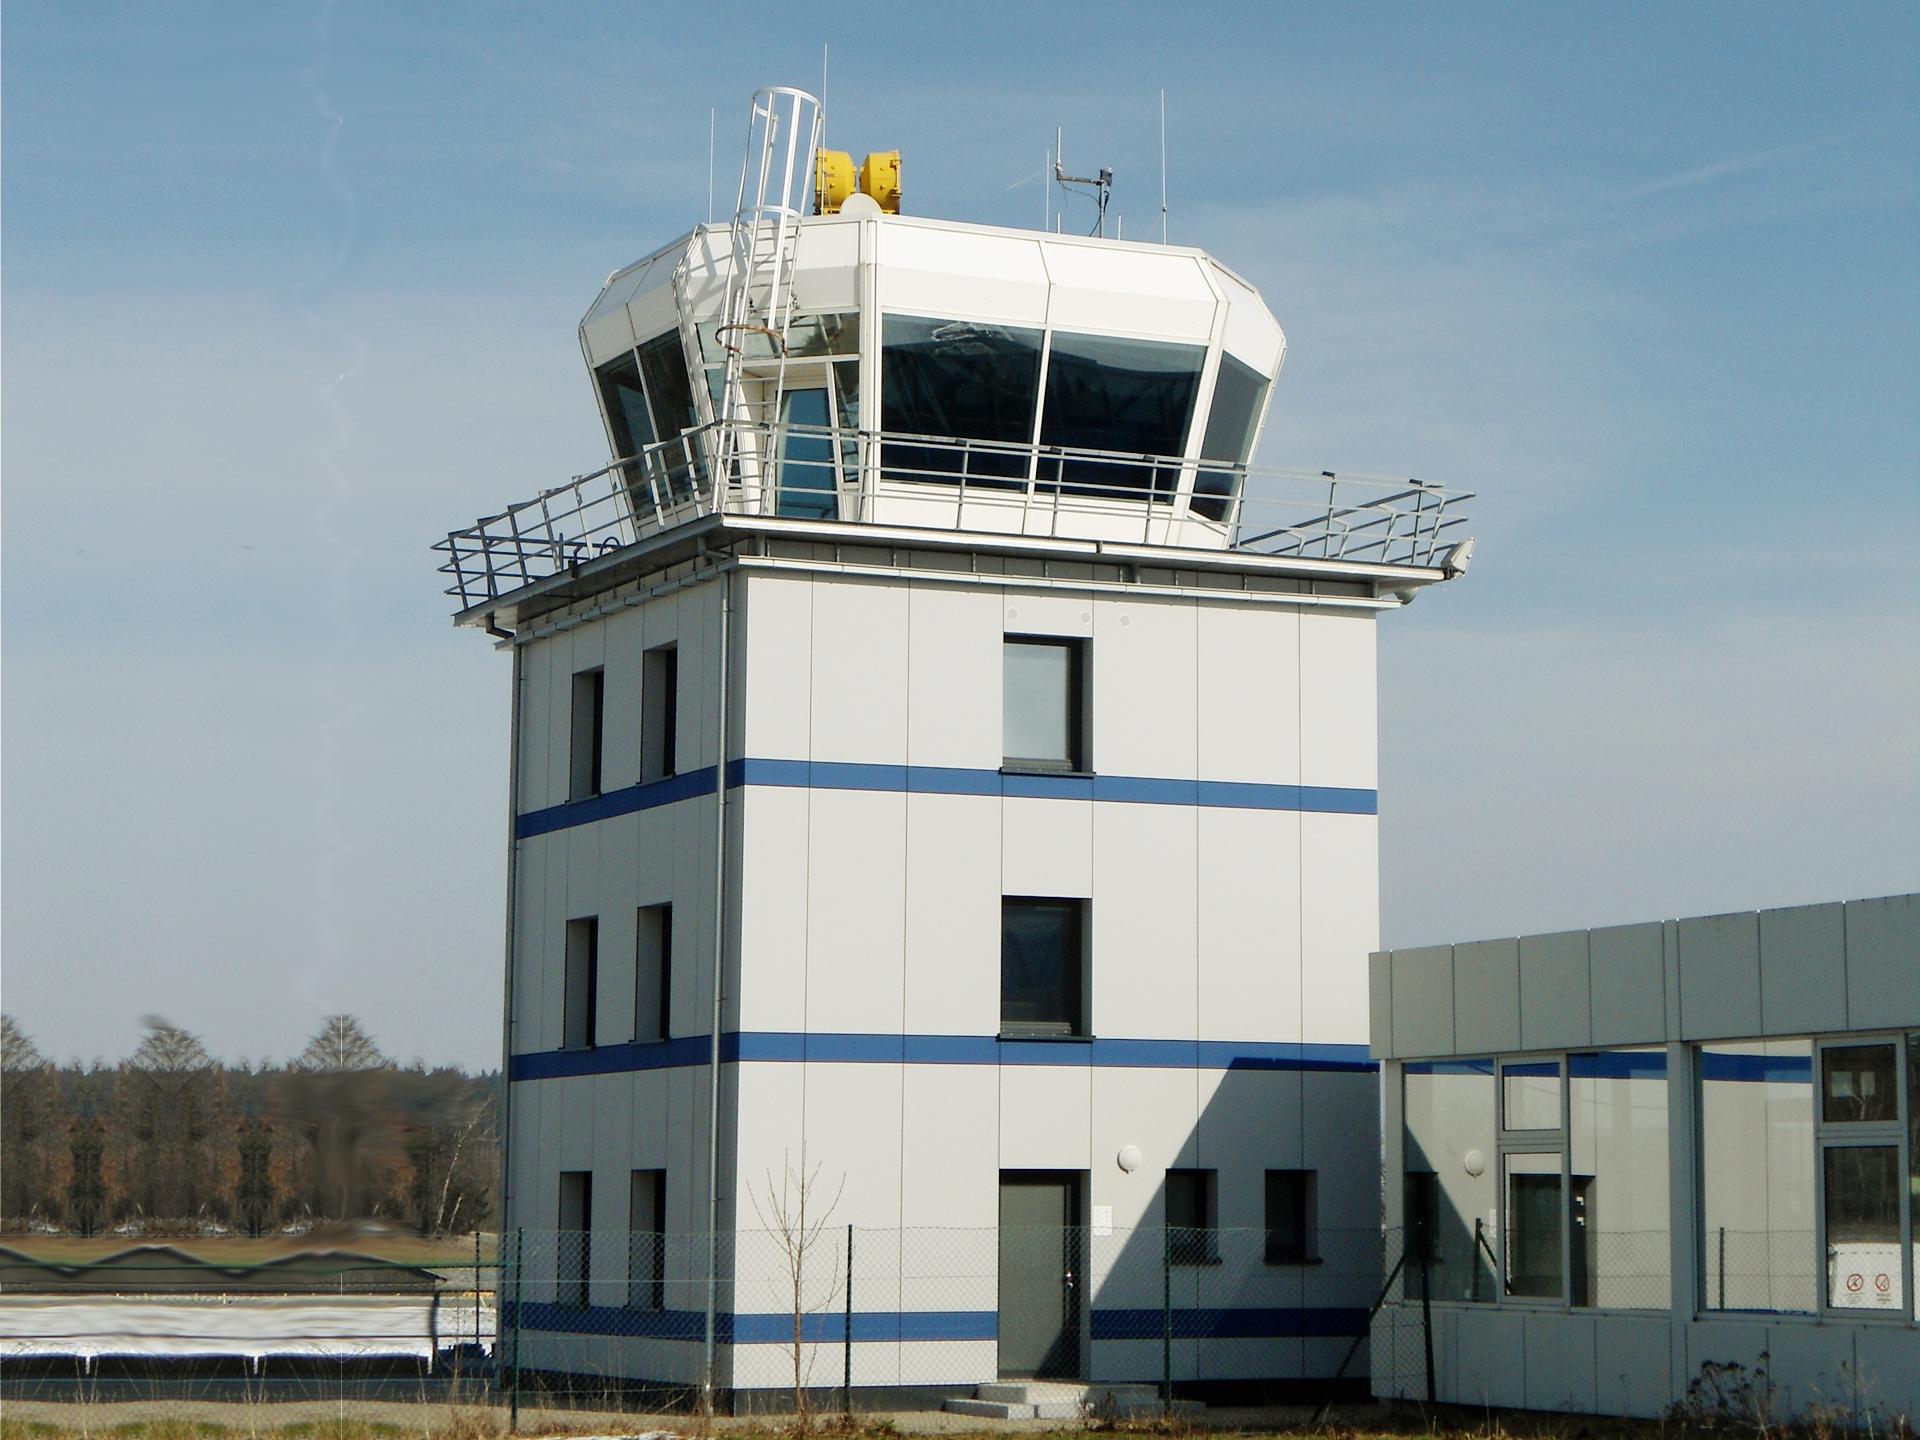 Tower Sanierung Flughafen Hof Plauen